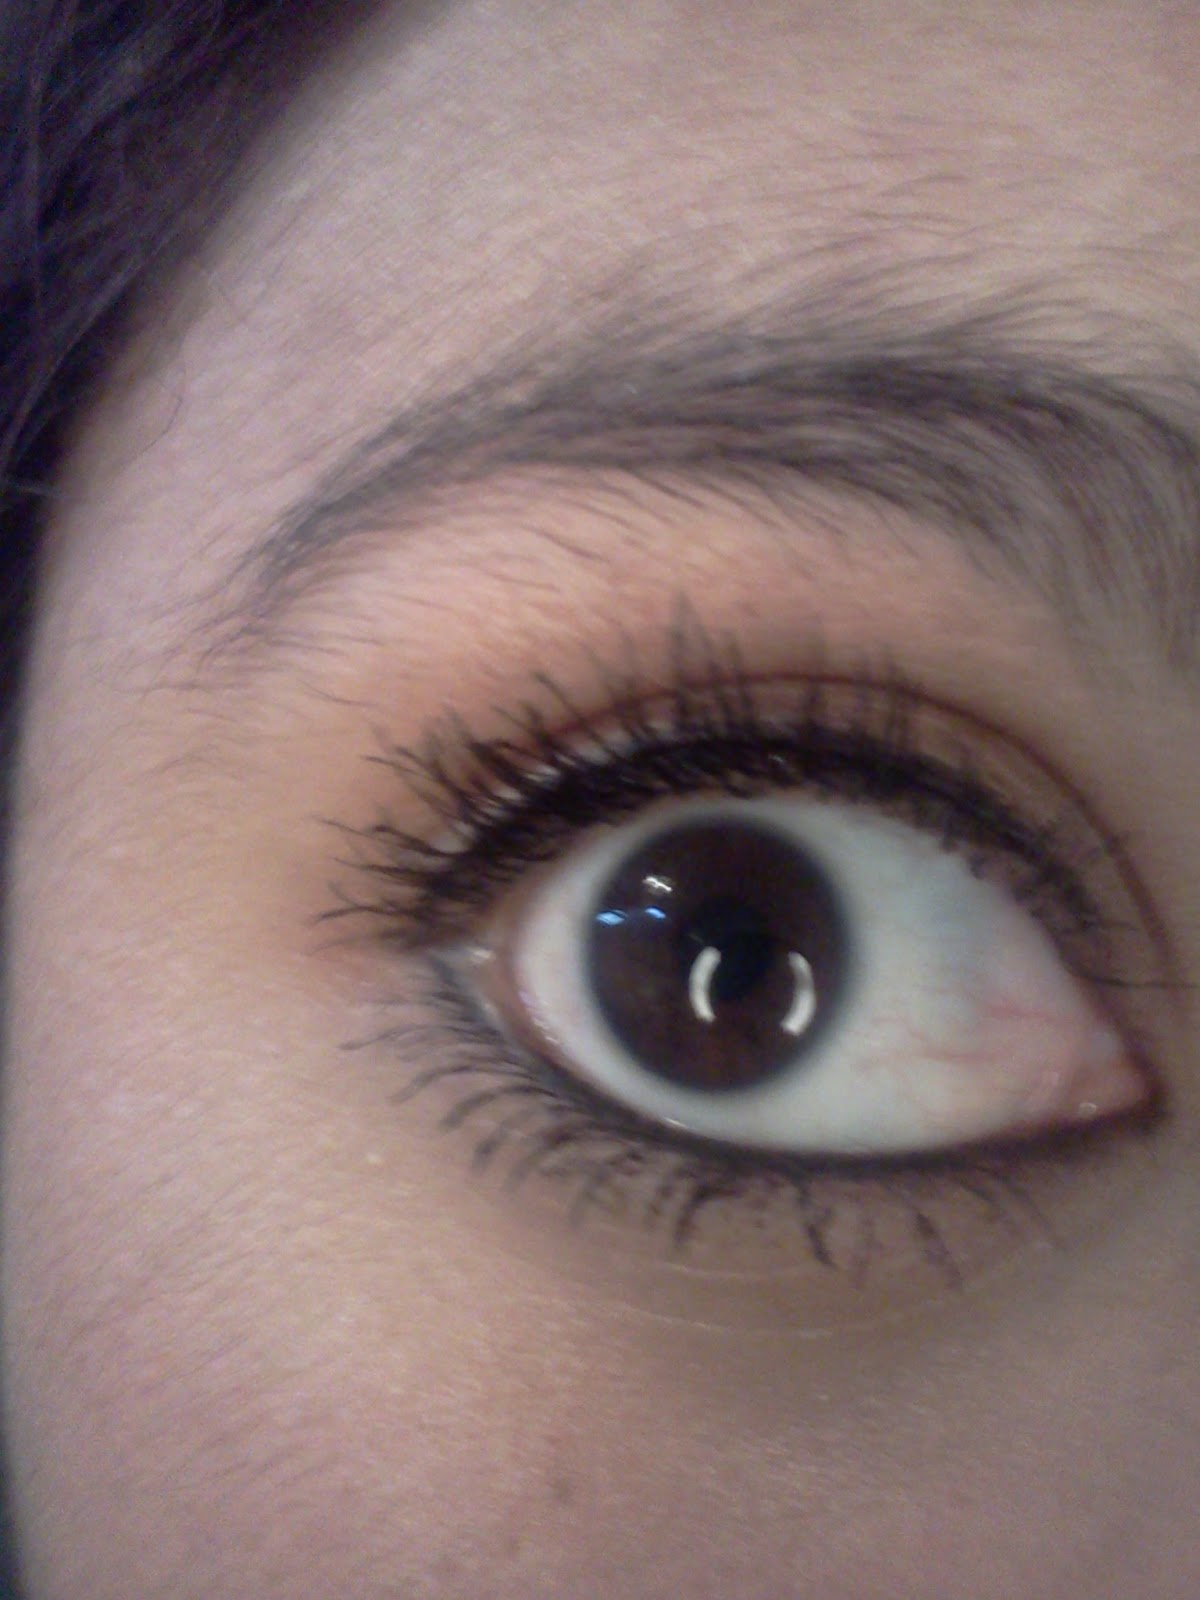 A Beauty Addict's Diary: Eyebrow Threading